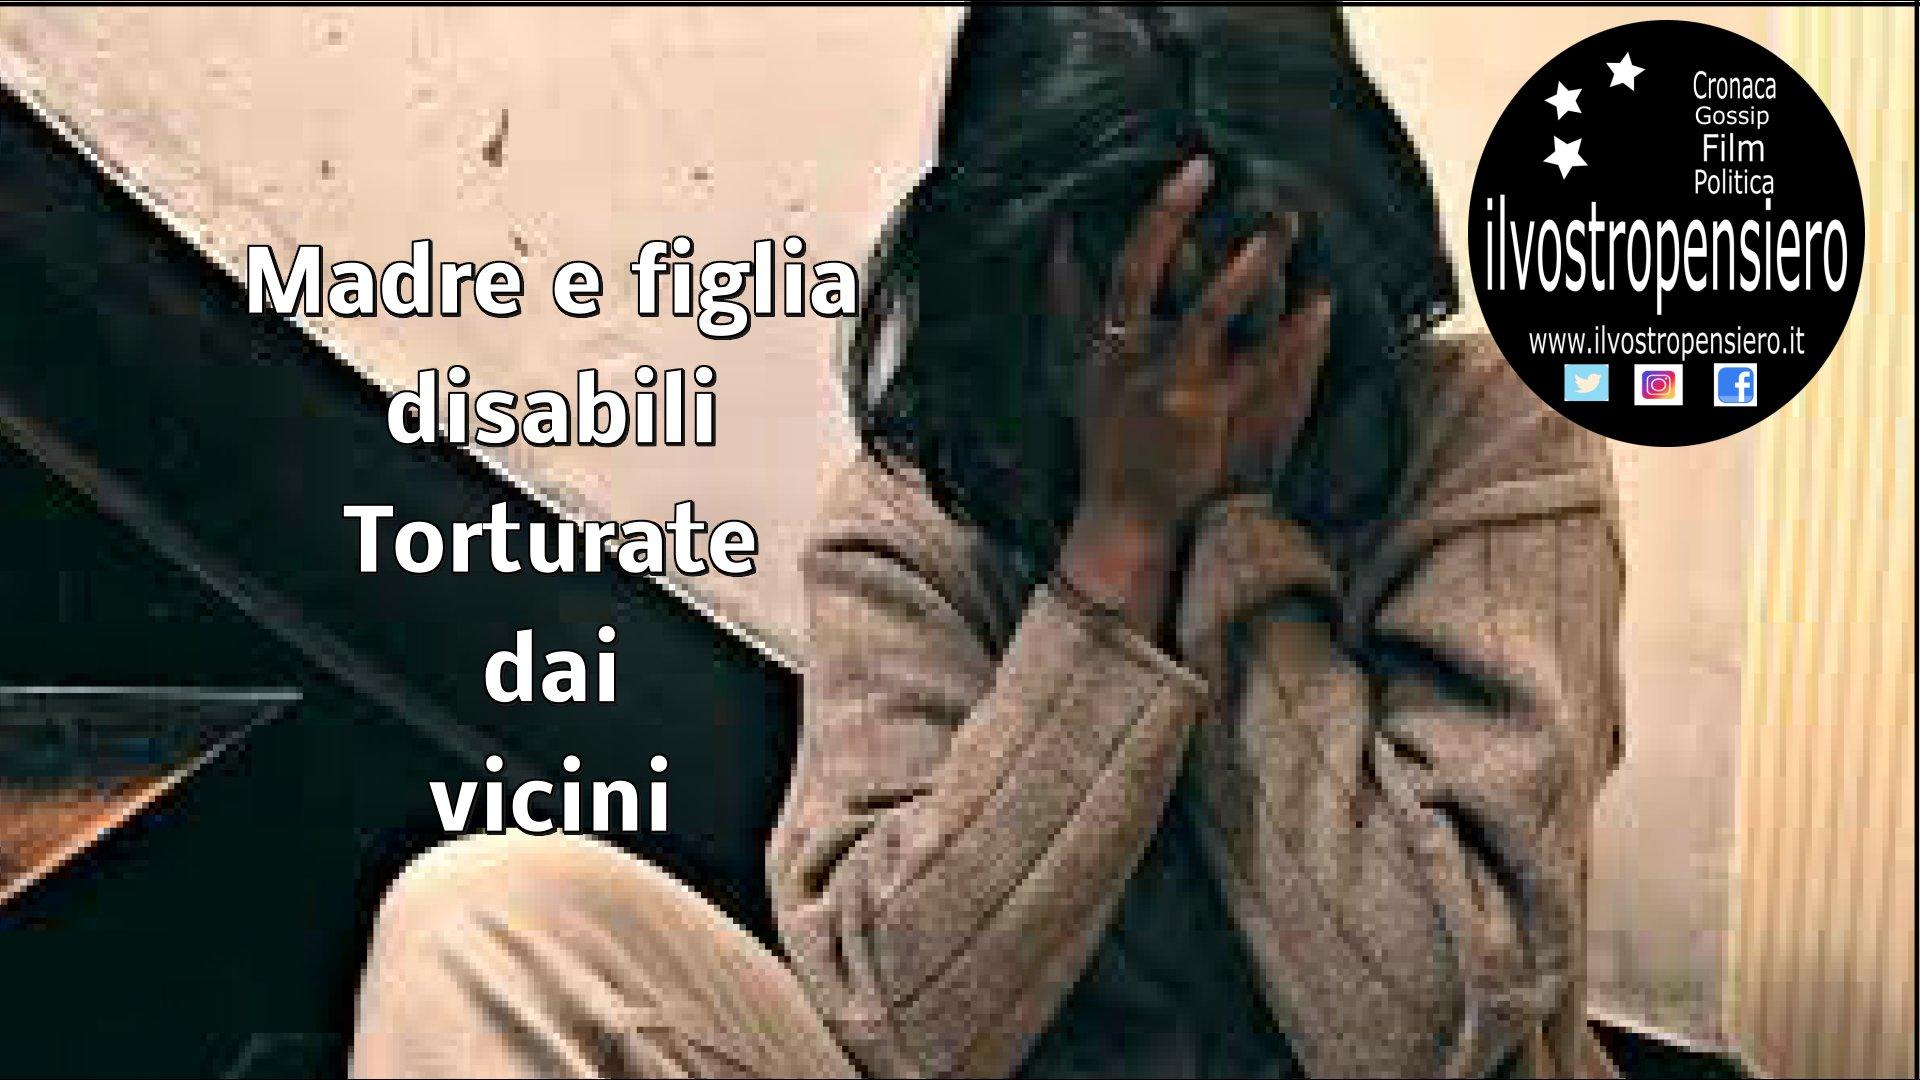 Cronaca: Madre e figlia disabili prigioniere dei vicini e torturate